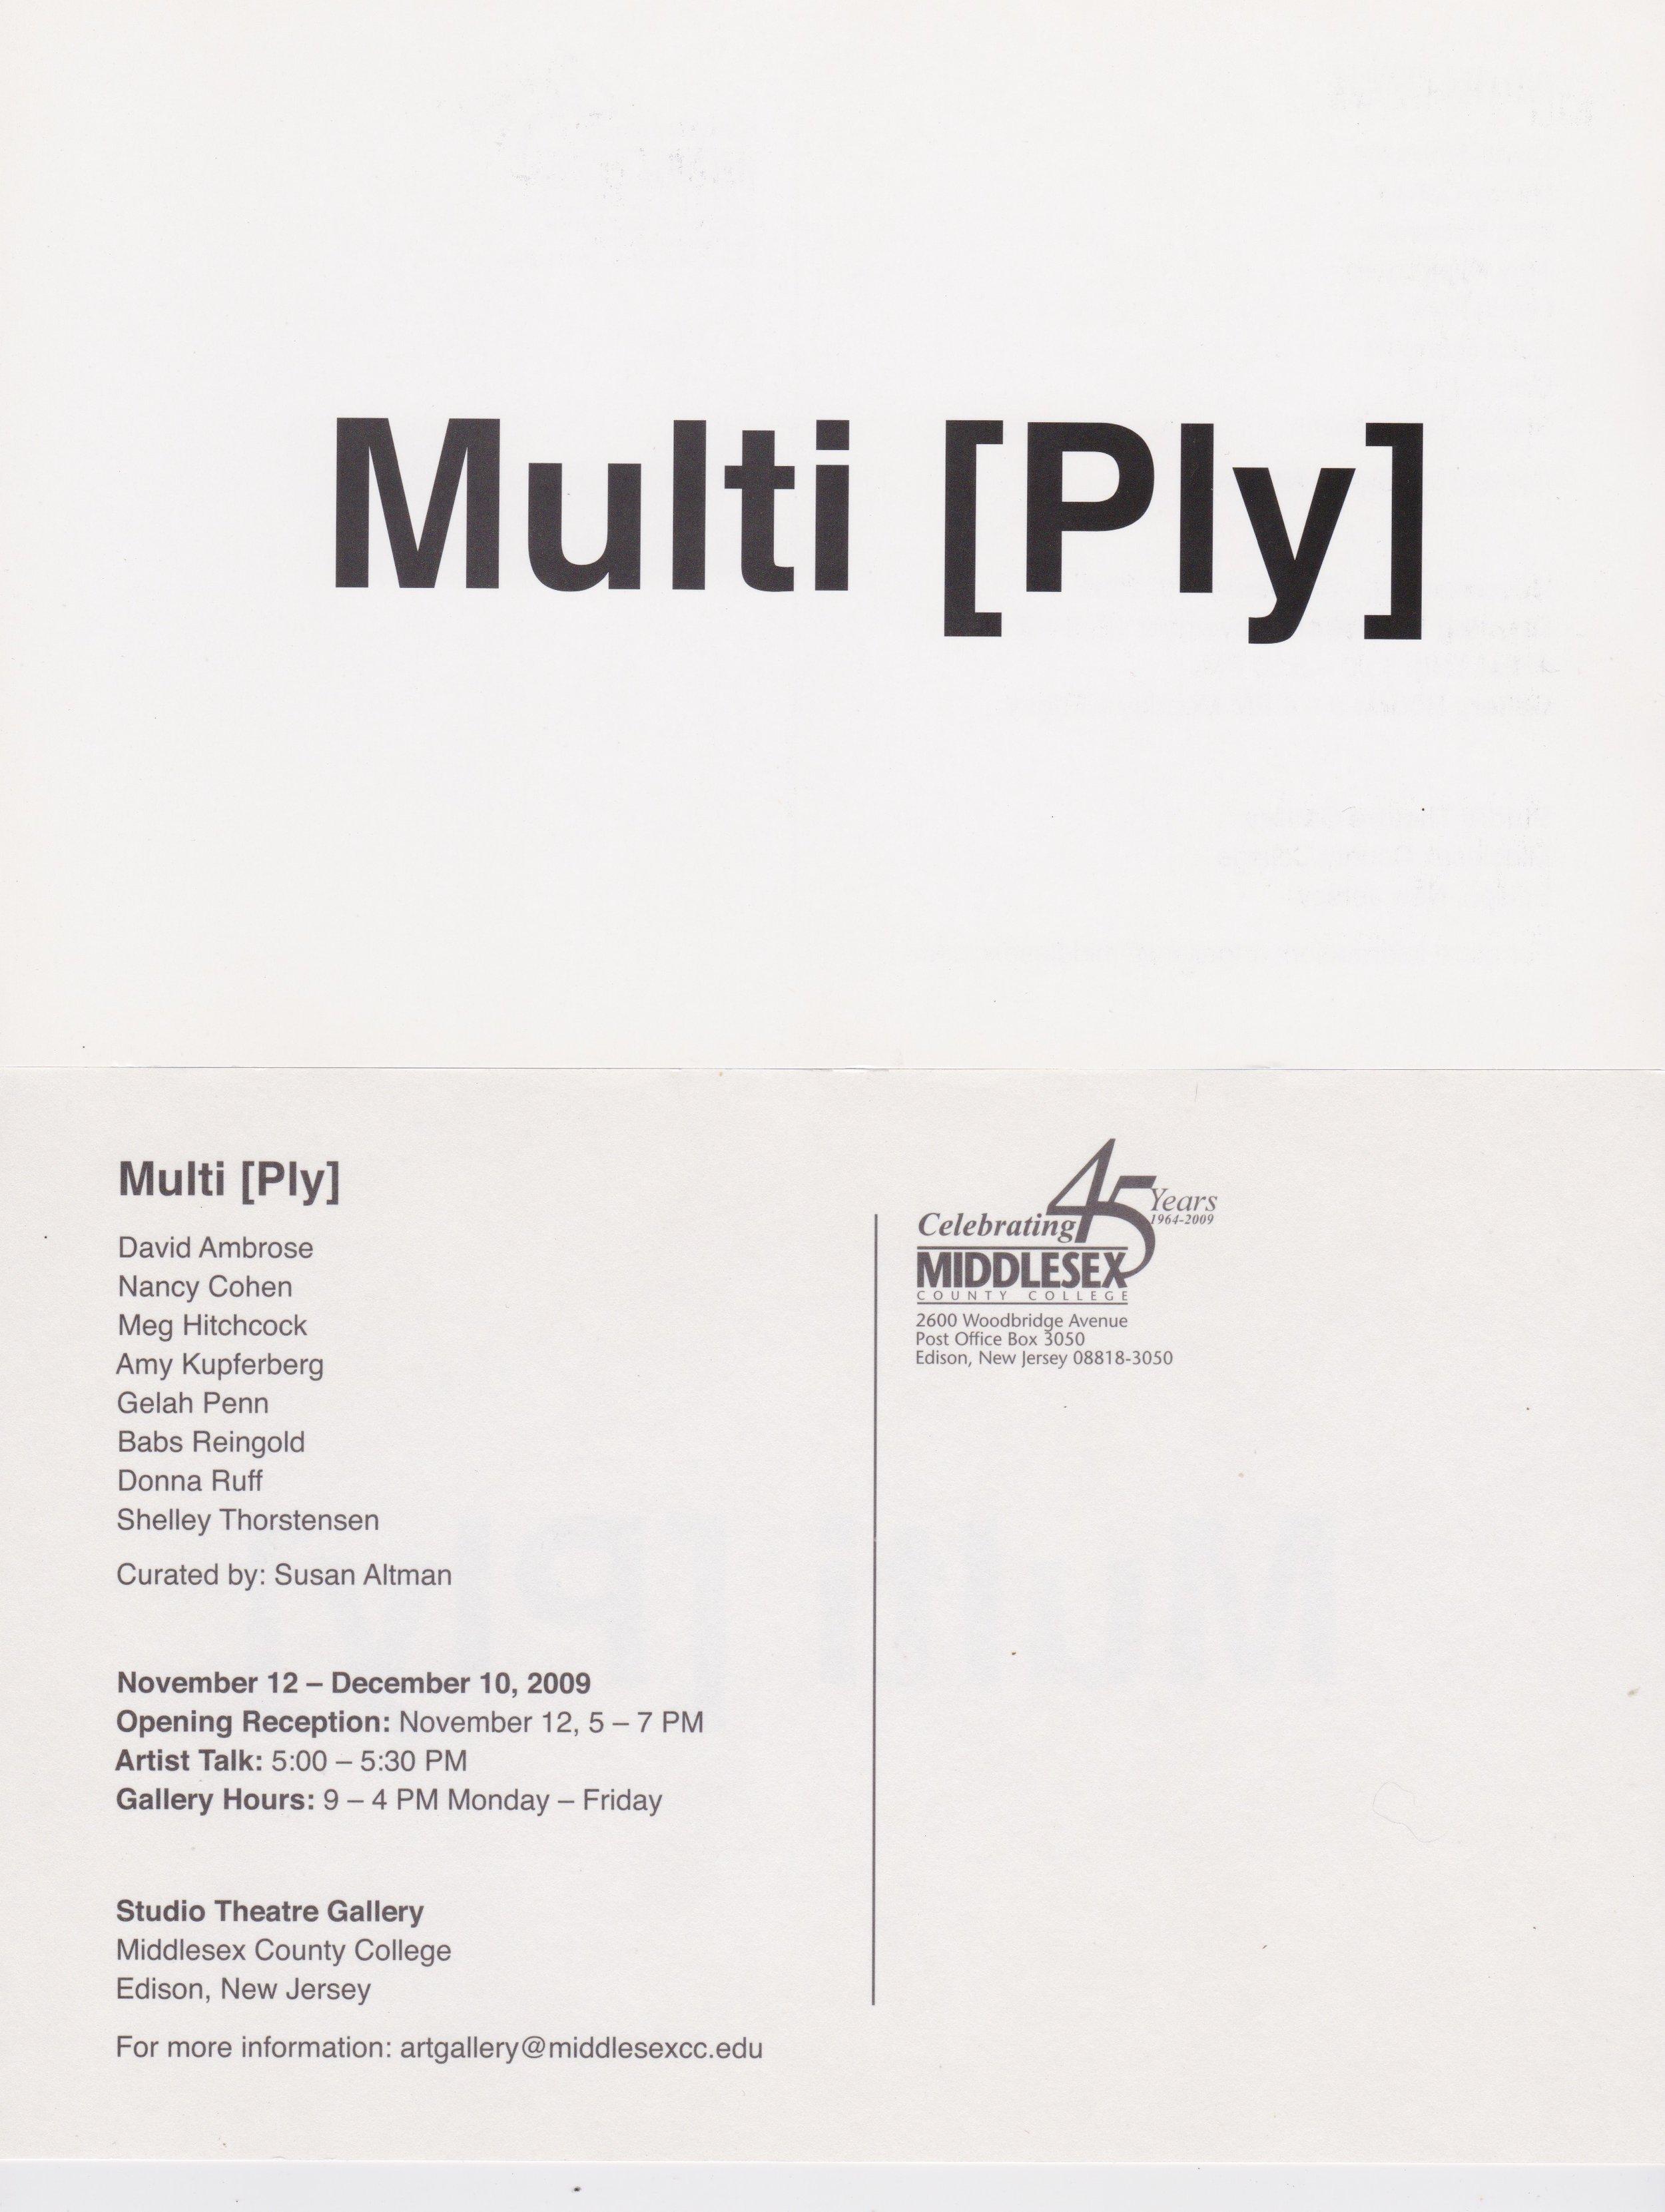 Multi{Ply] 11:12:2009.jpeg